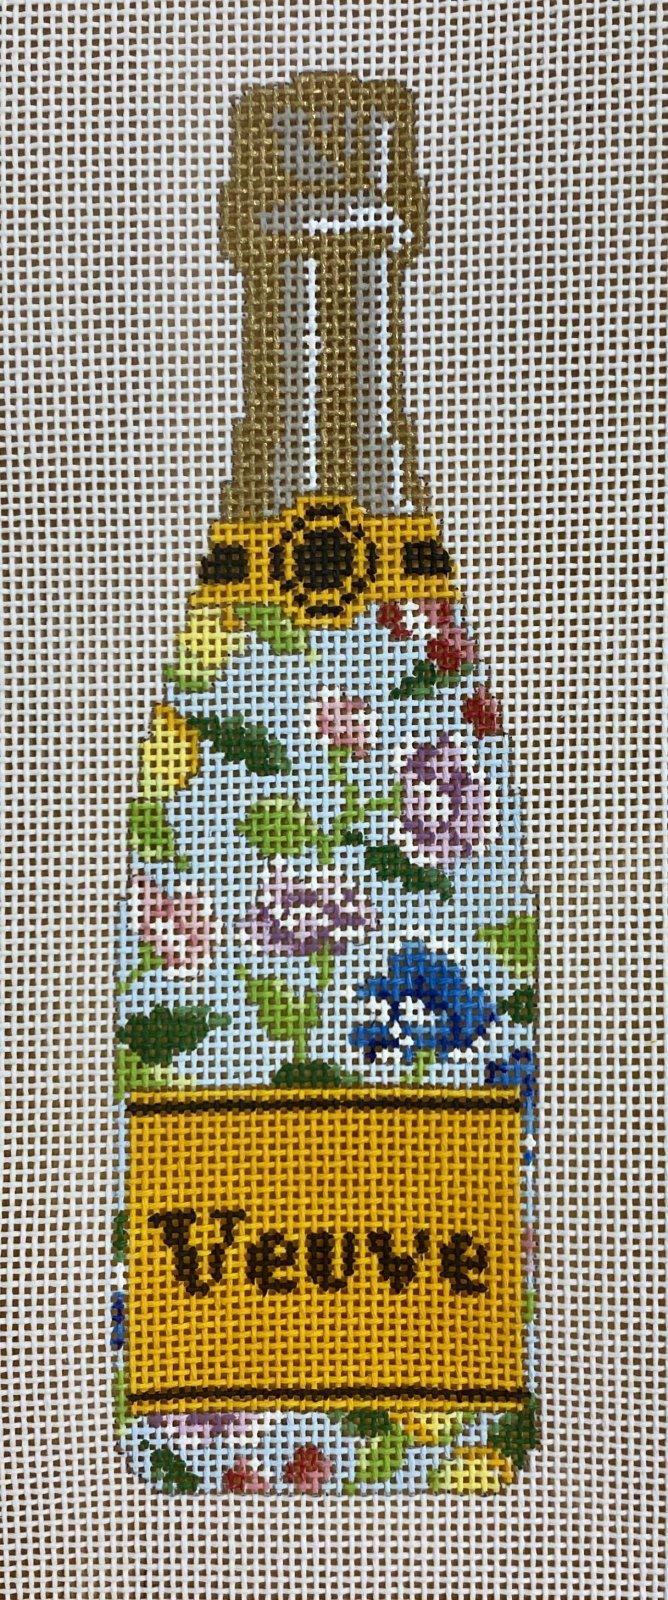 veuve bottle, blue floral